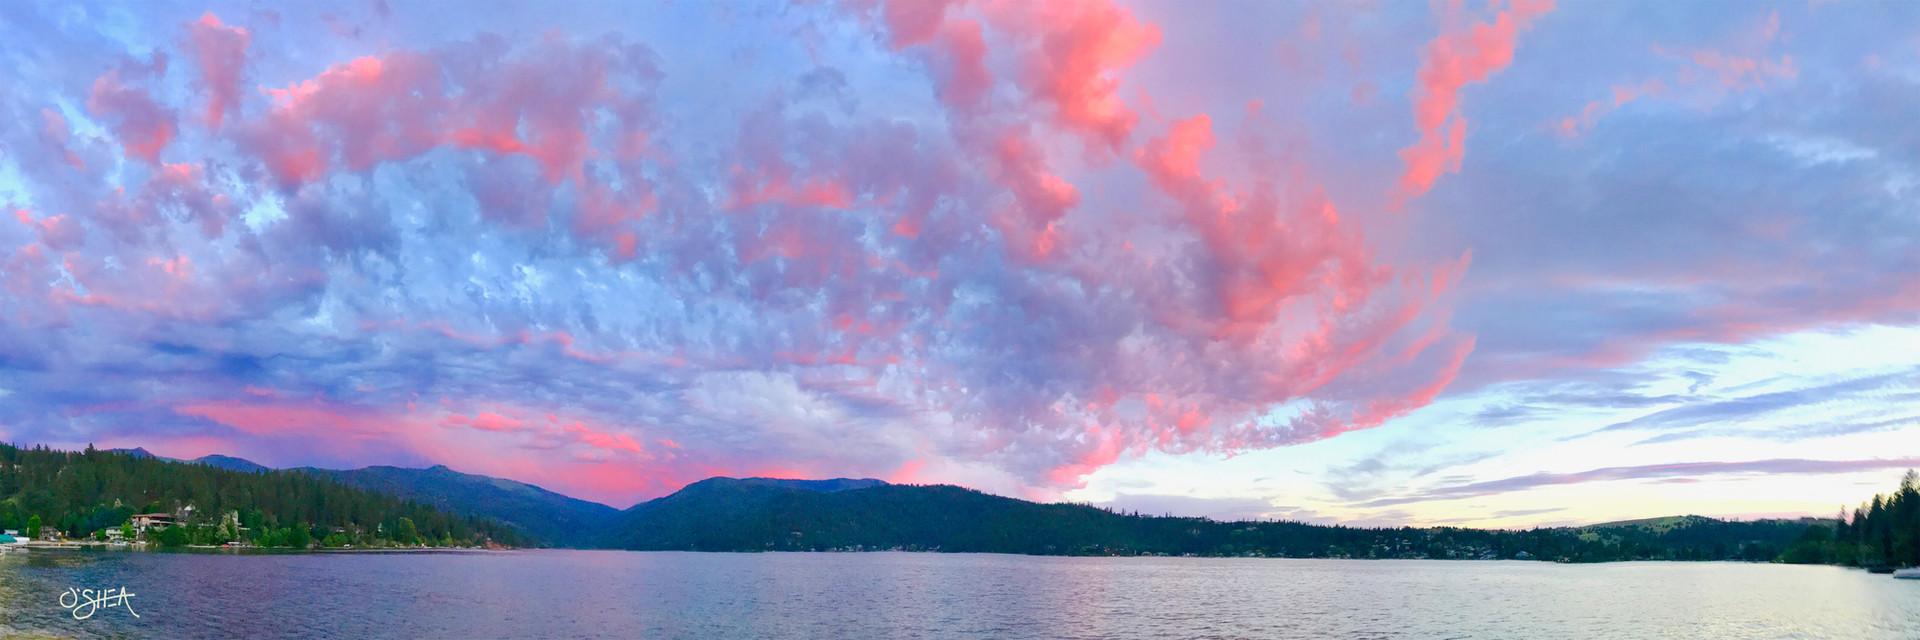 Cloud Nebula Panorama